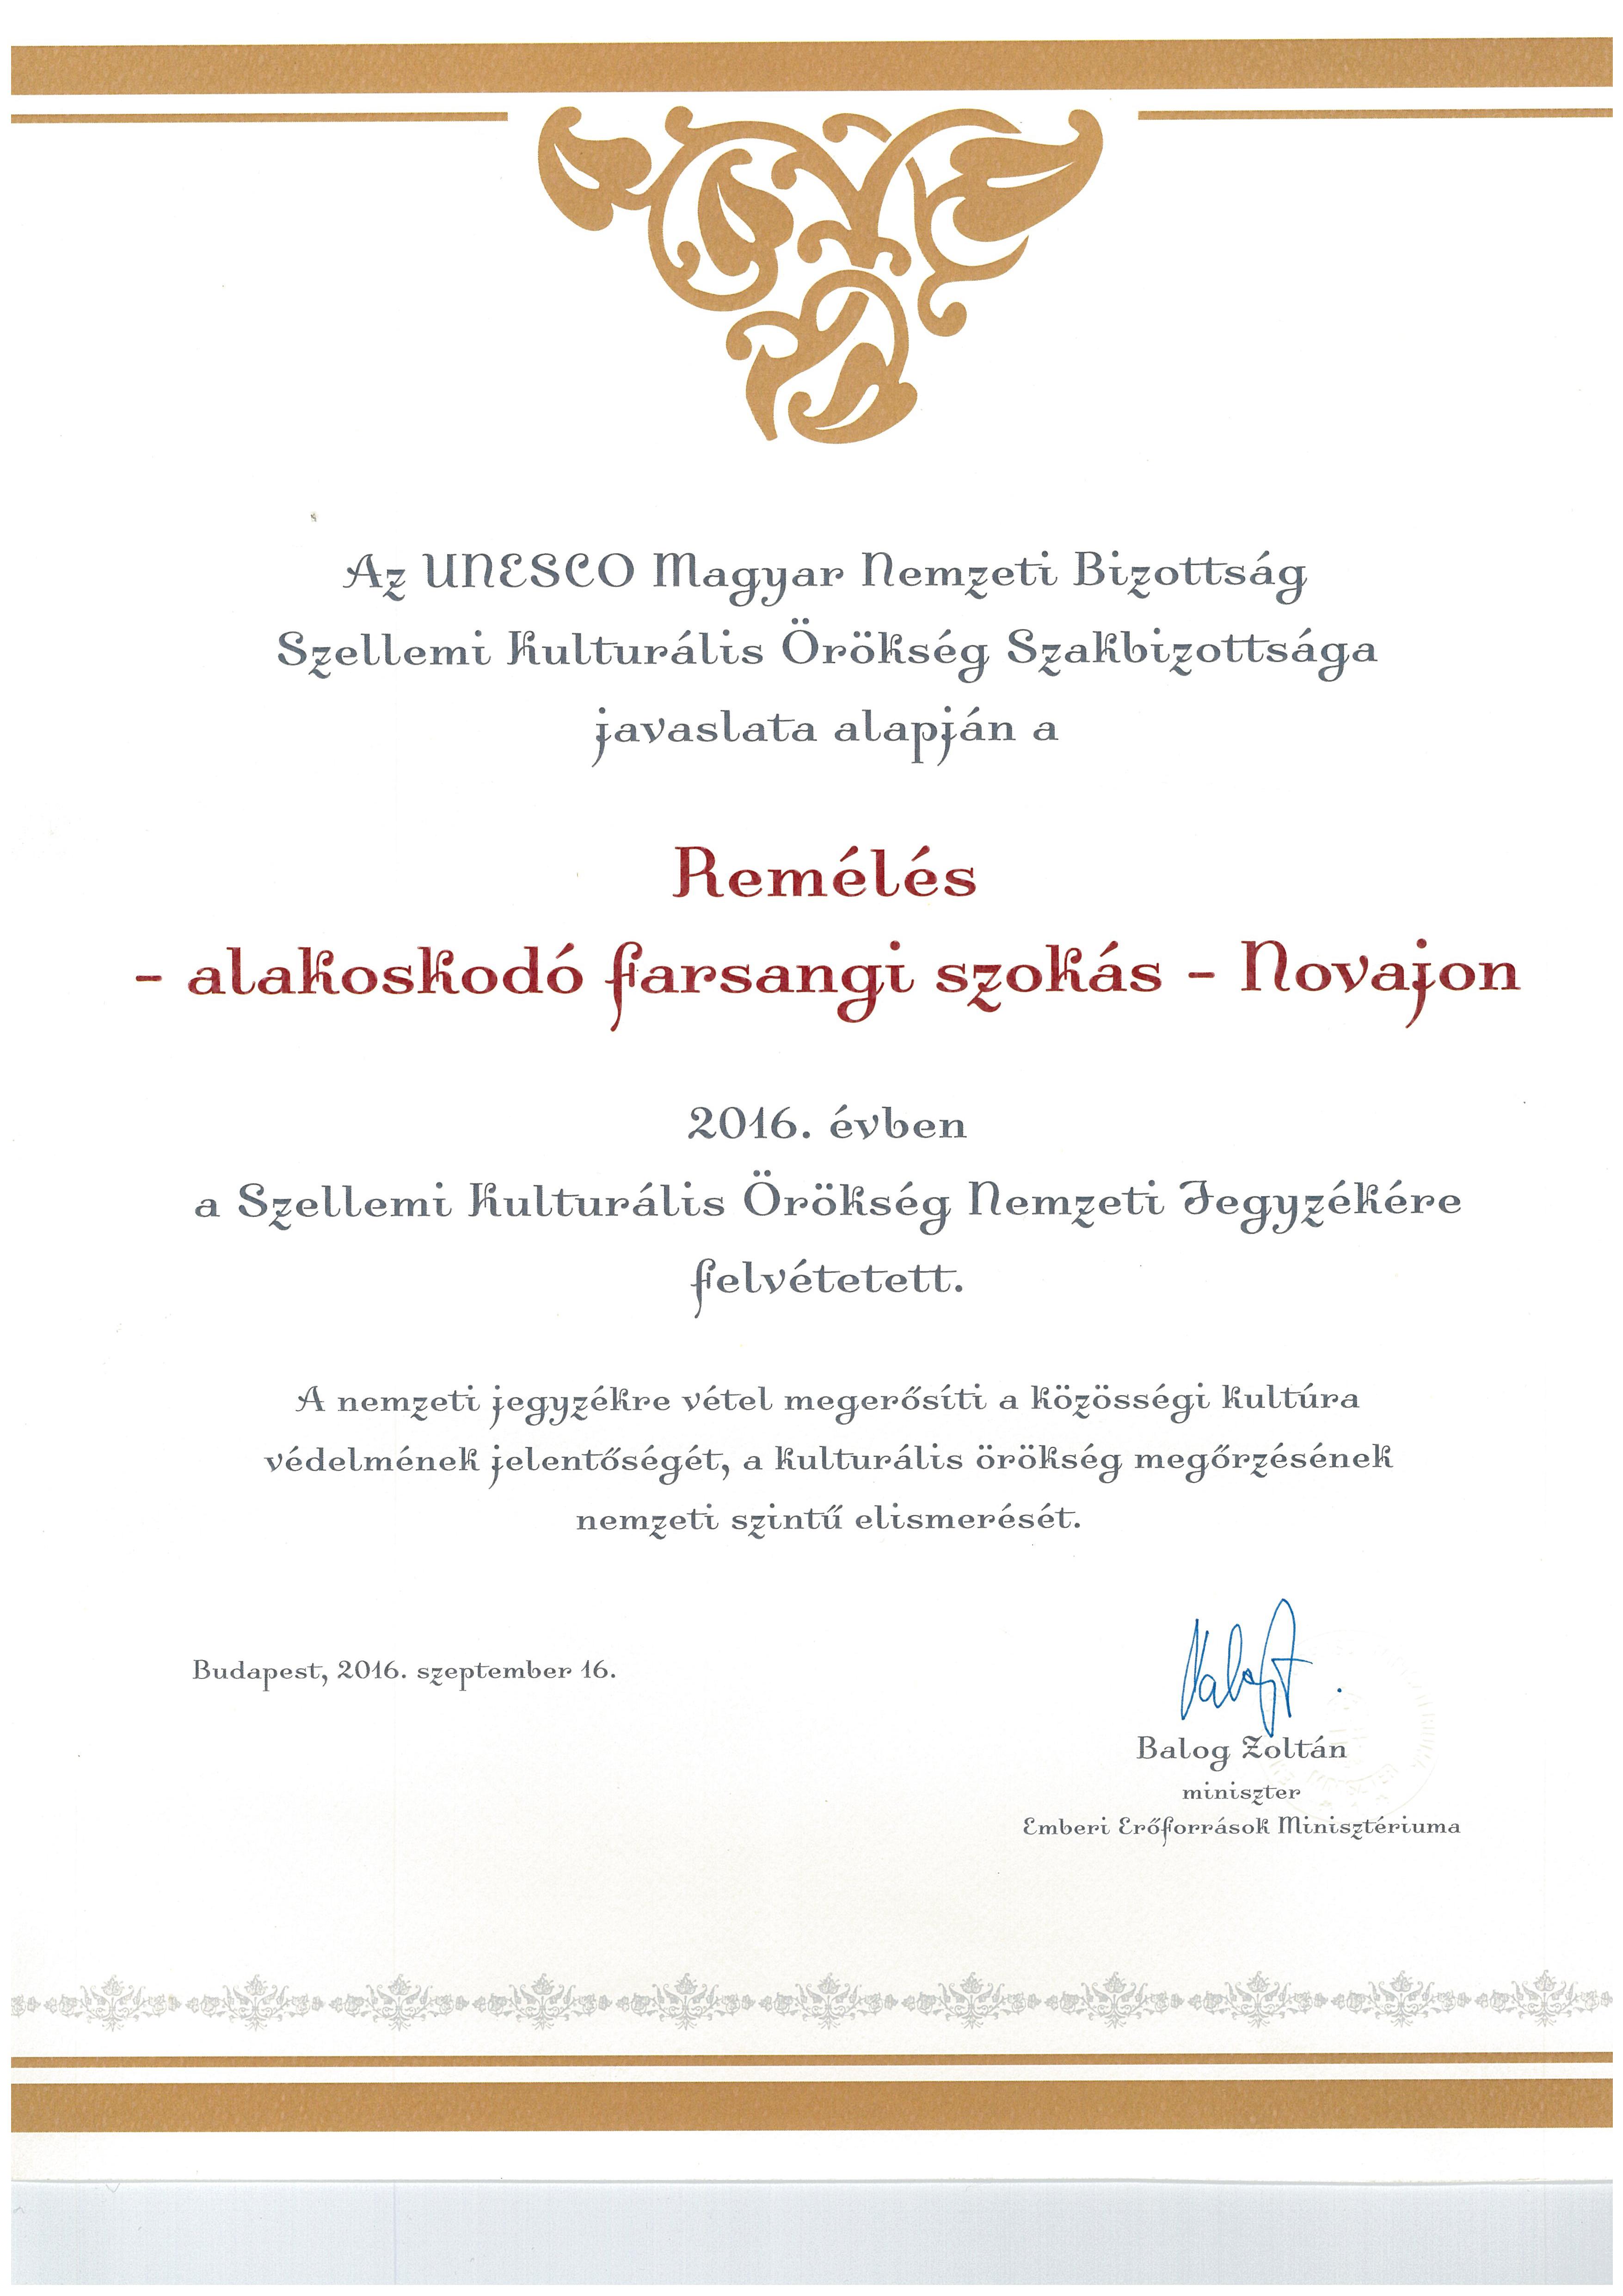 szko-kihirdeto-oklevel